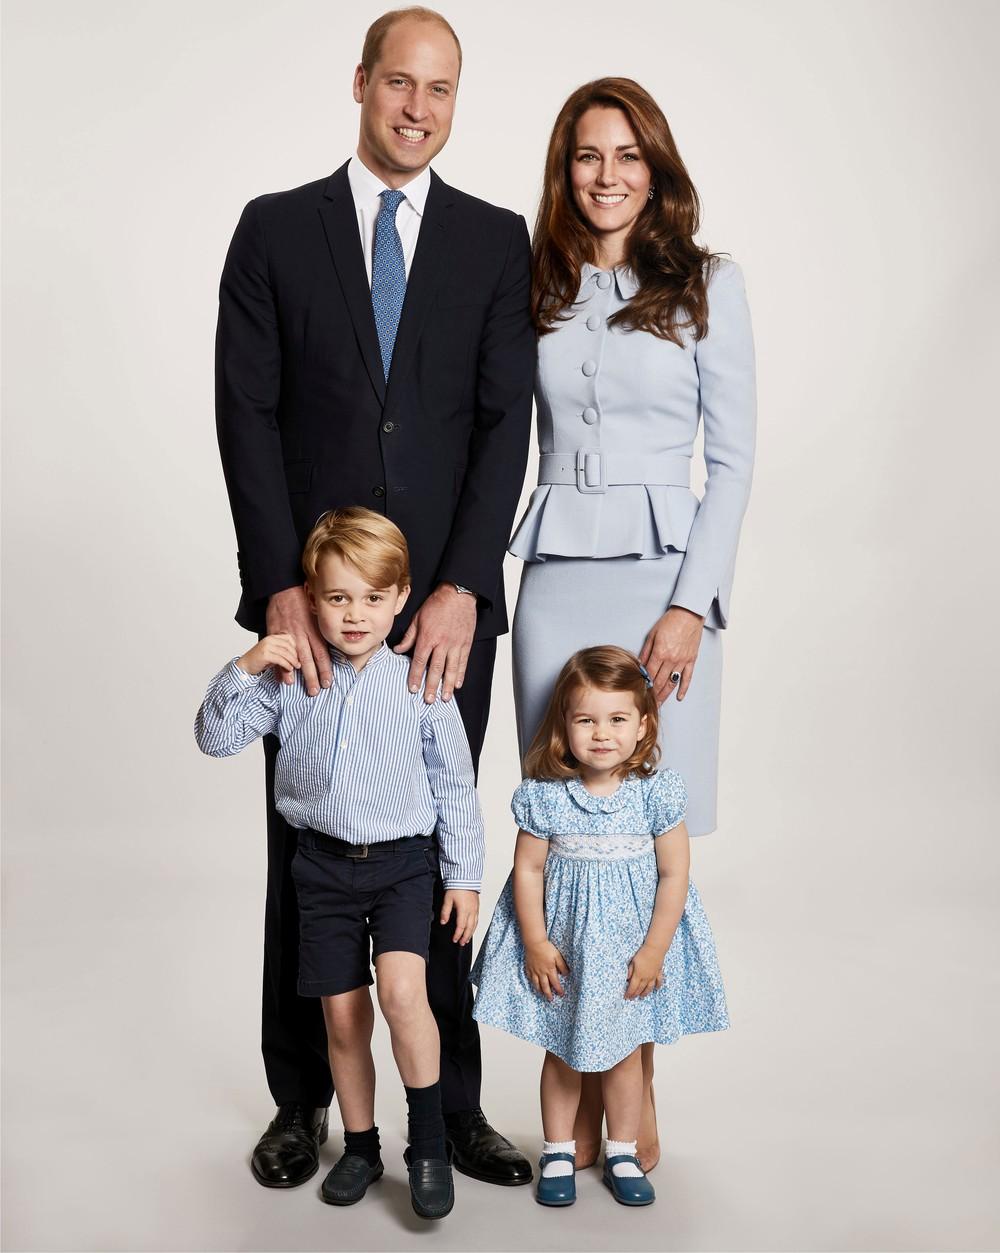 William e Kate Middleton divulgam foto de Natal ao lado dos filhos